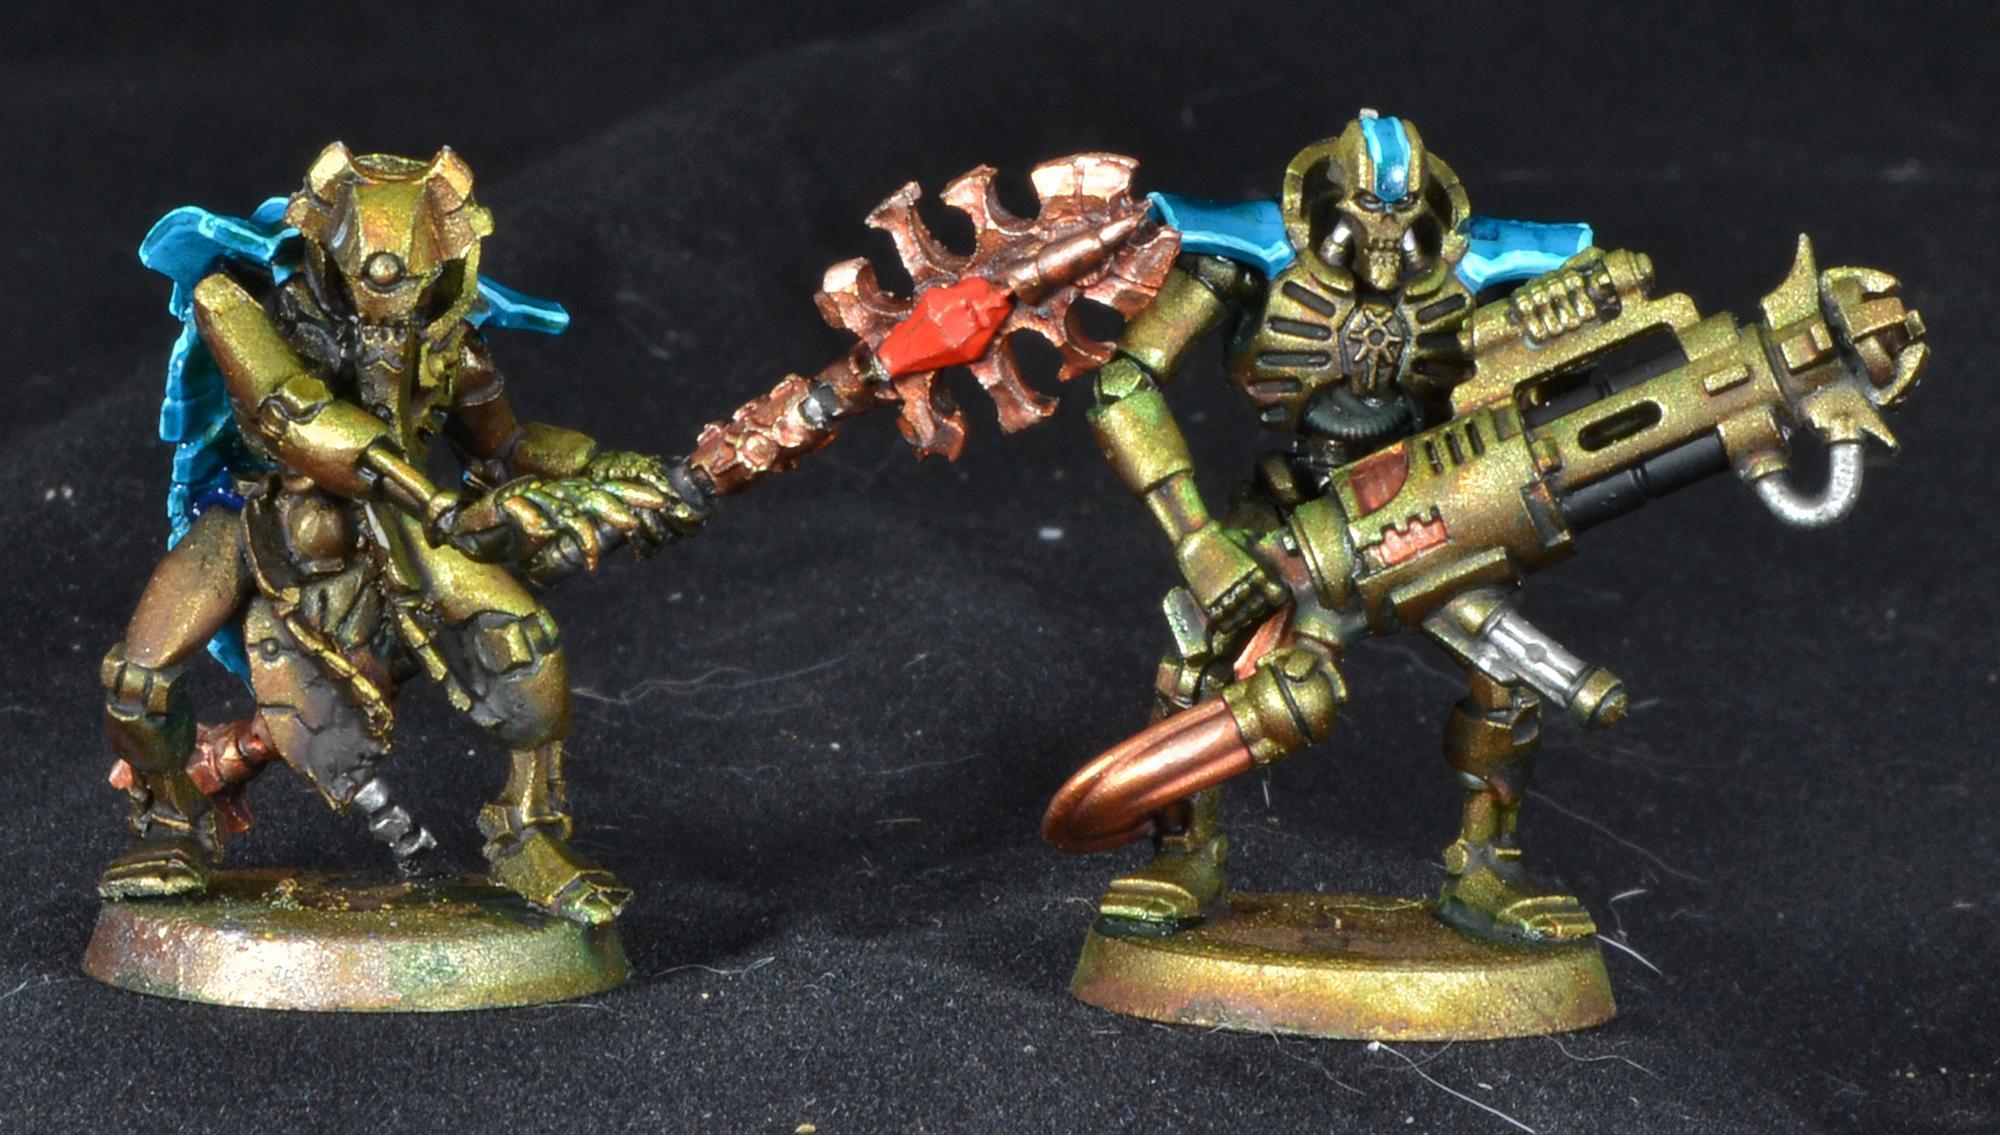 Immortals, Necrons, Warhammer 40,000, Work In Progress